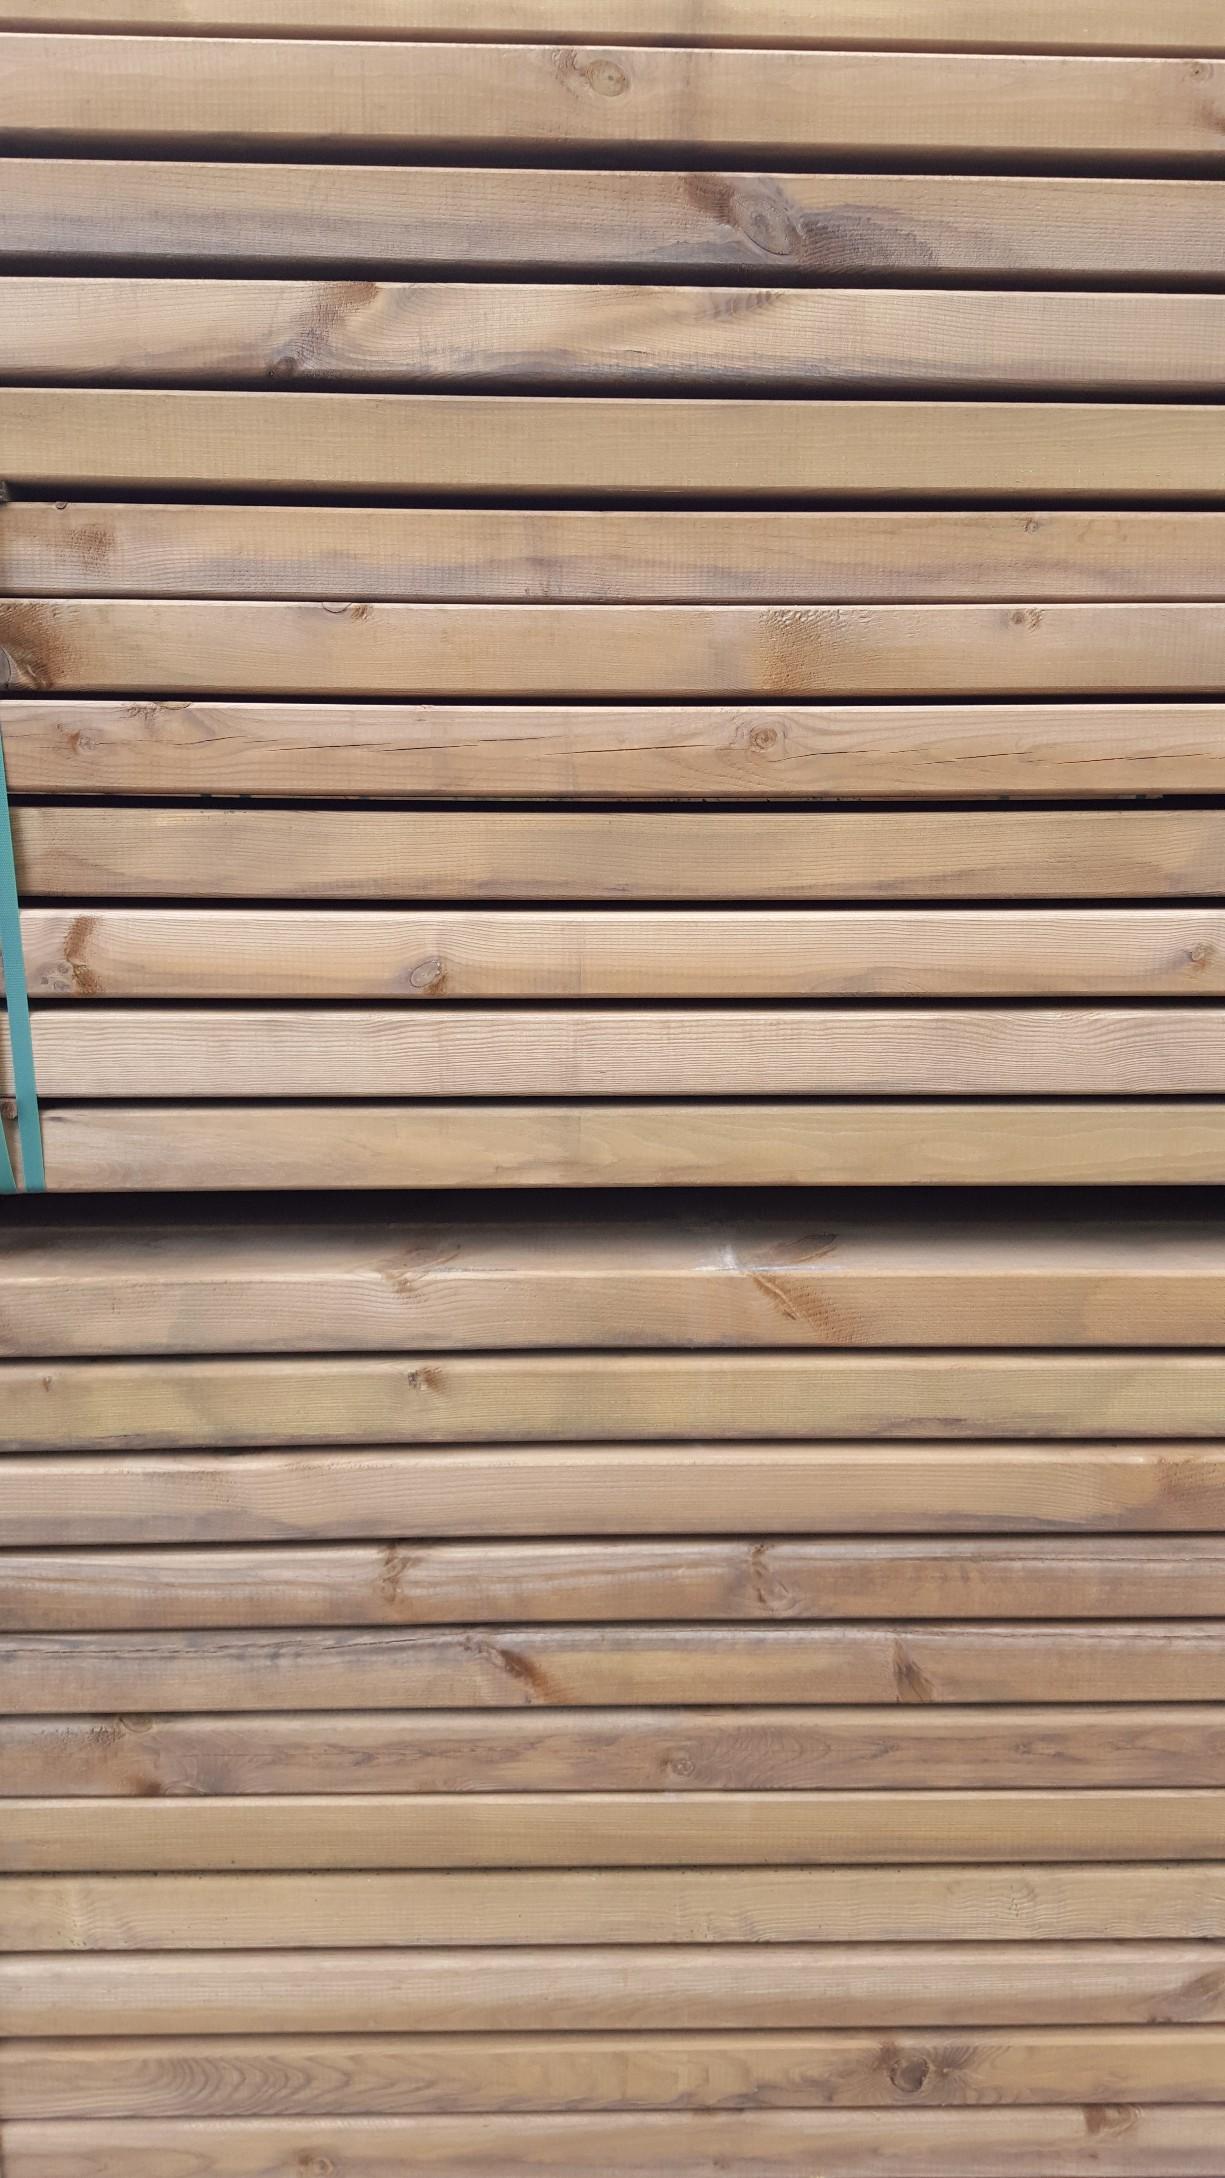 bois classe 4 stunning bordure de jardin en bois drouler trait classe iv with bois classe 4. Black Bedroom Furniture Sets. Home Design Ideas